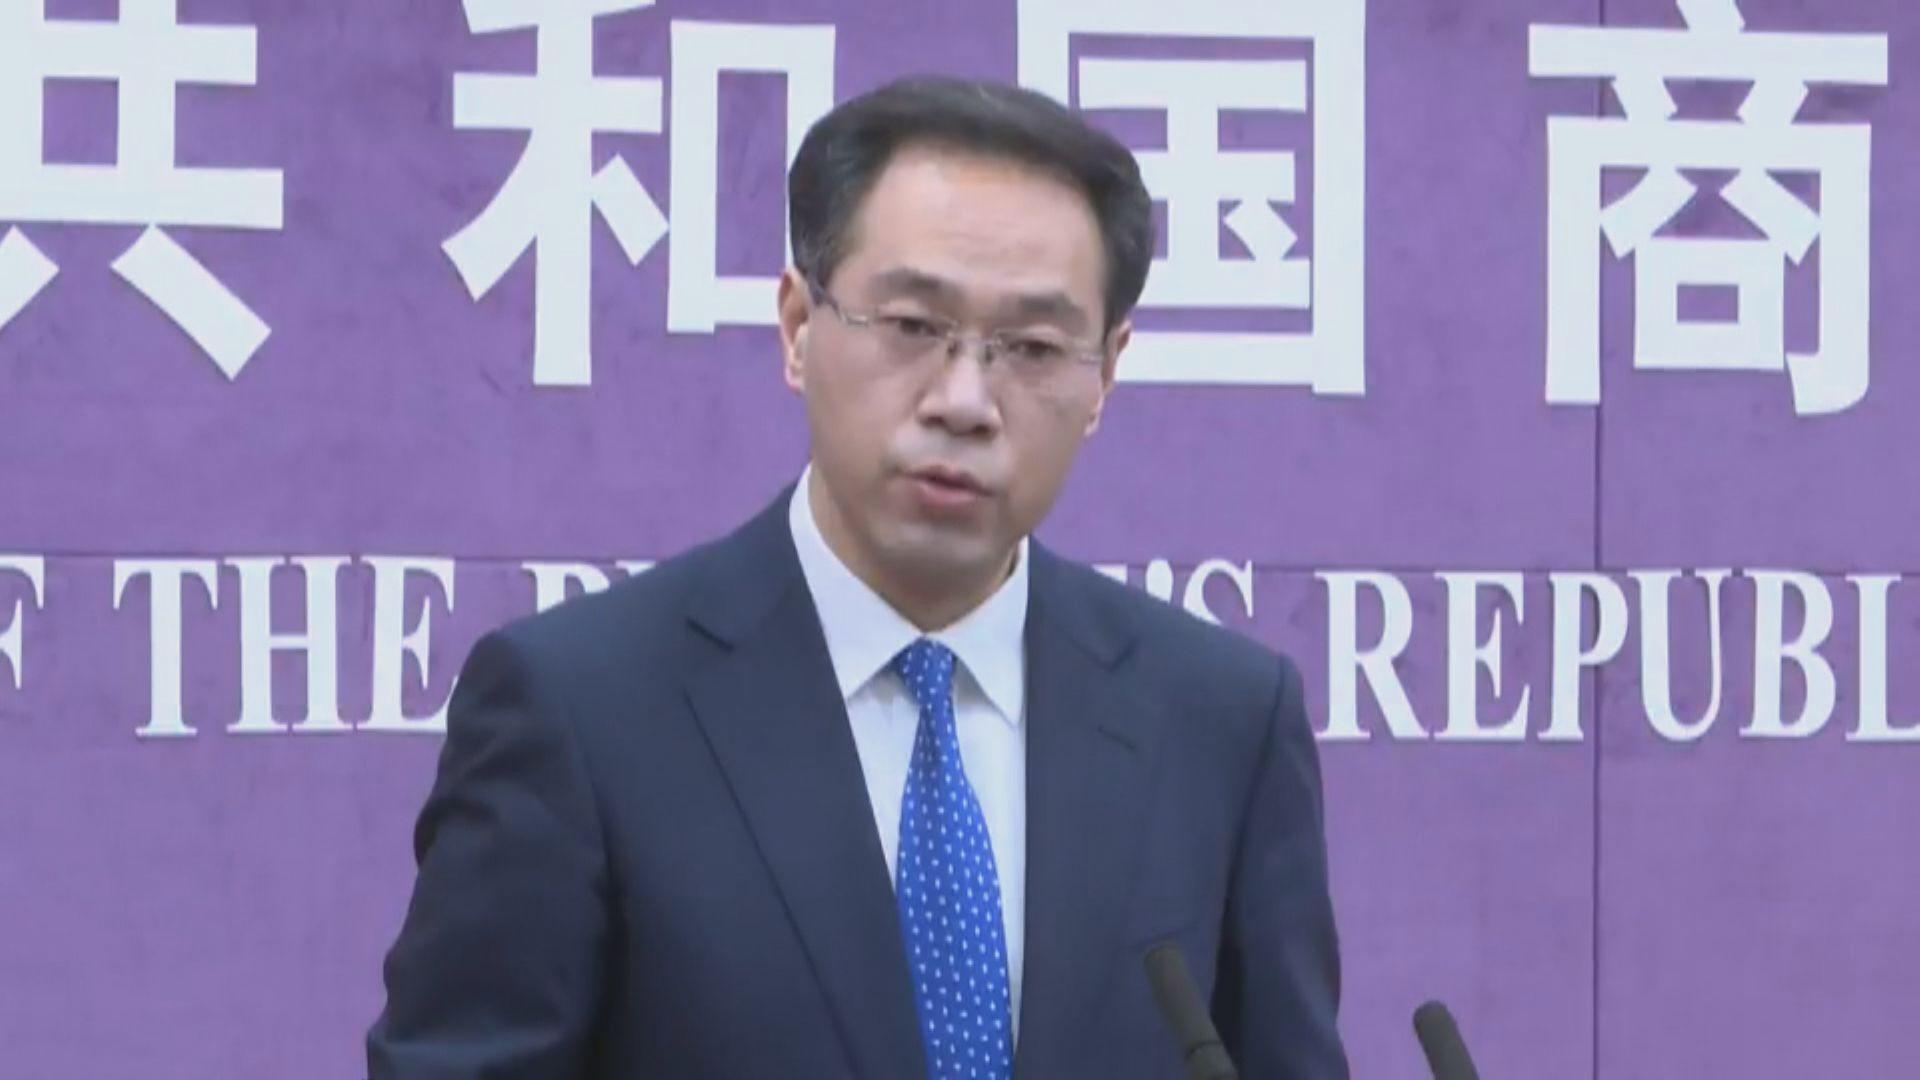 【中美貿戰升級】商務部籲美認清經貿合作雙方均有獲利